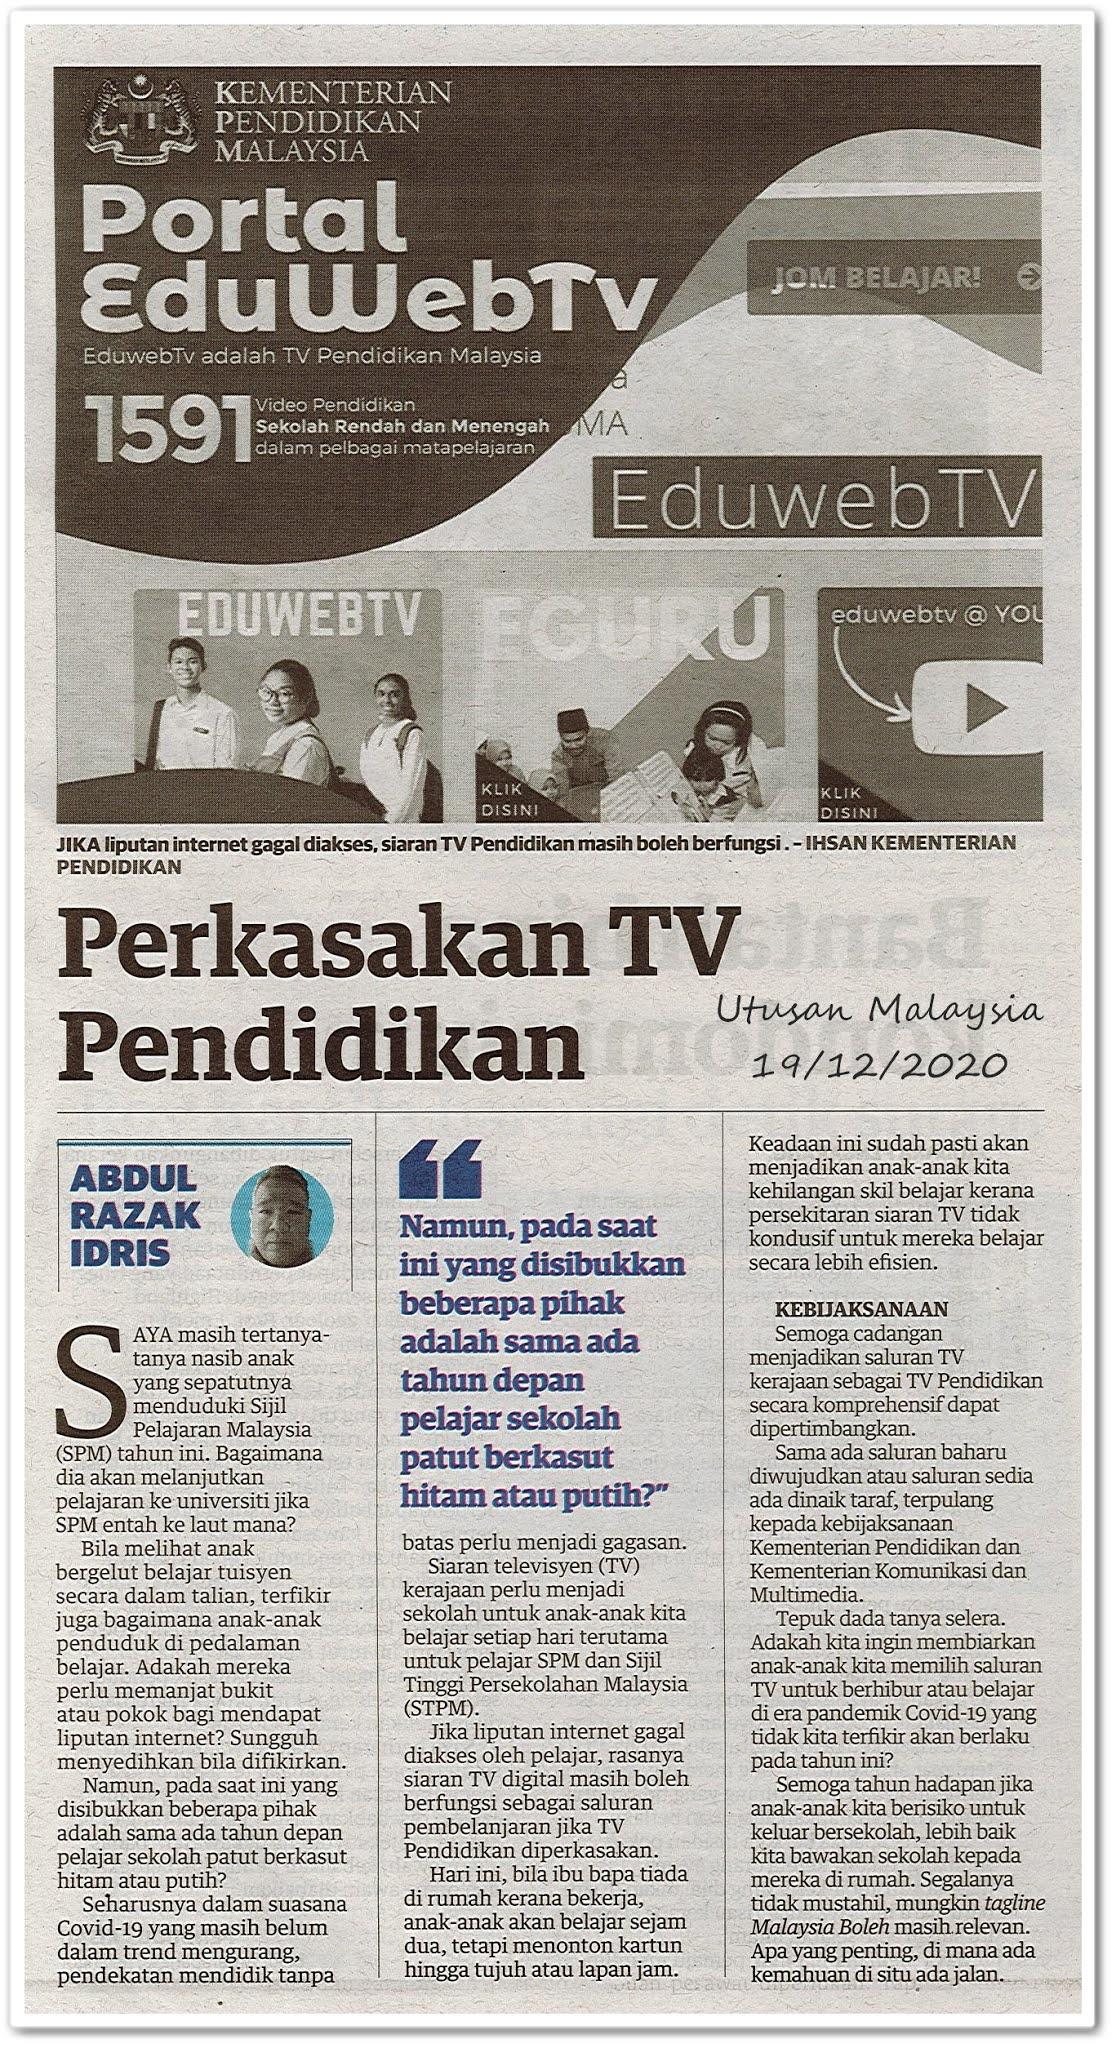 Perkasakan TV Pendidikan - Keratan akhbar Utusan Malaysia 19 Disember 2020